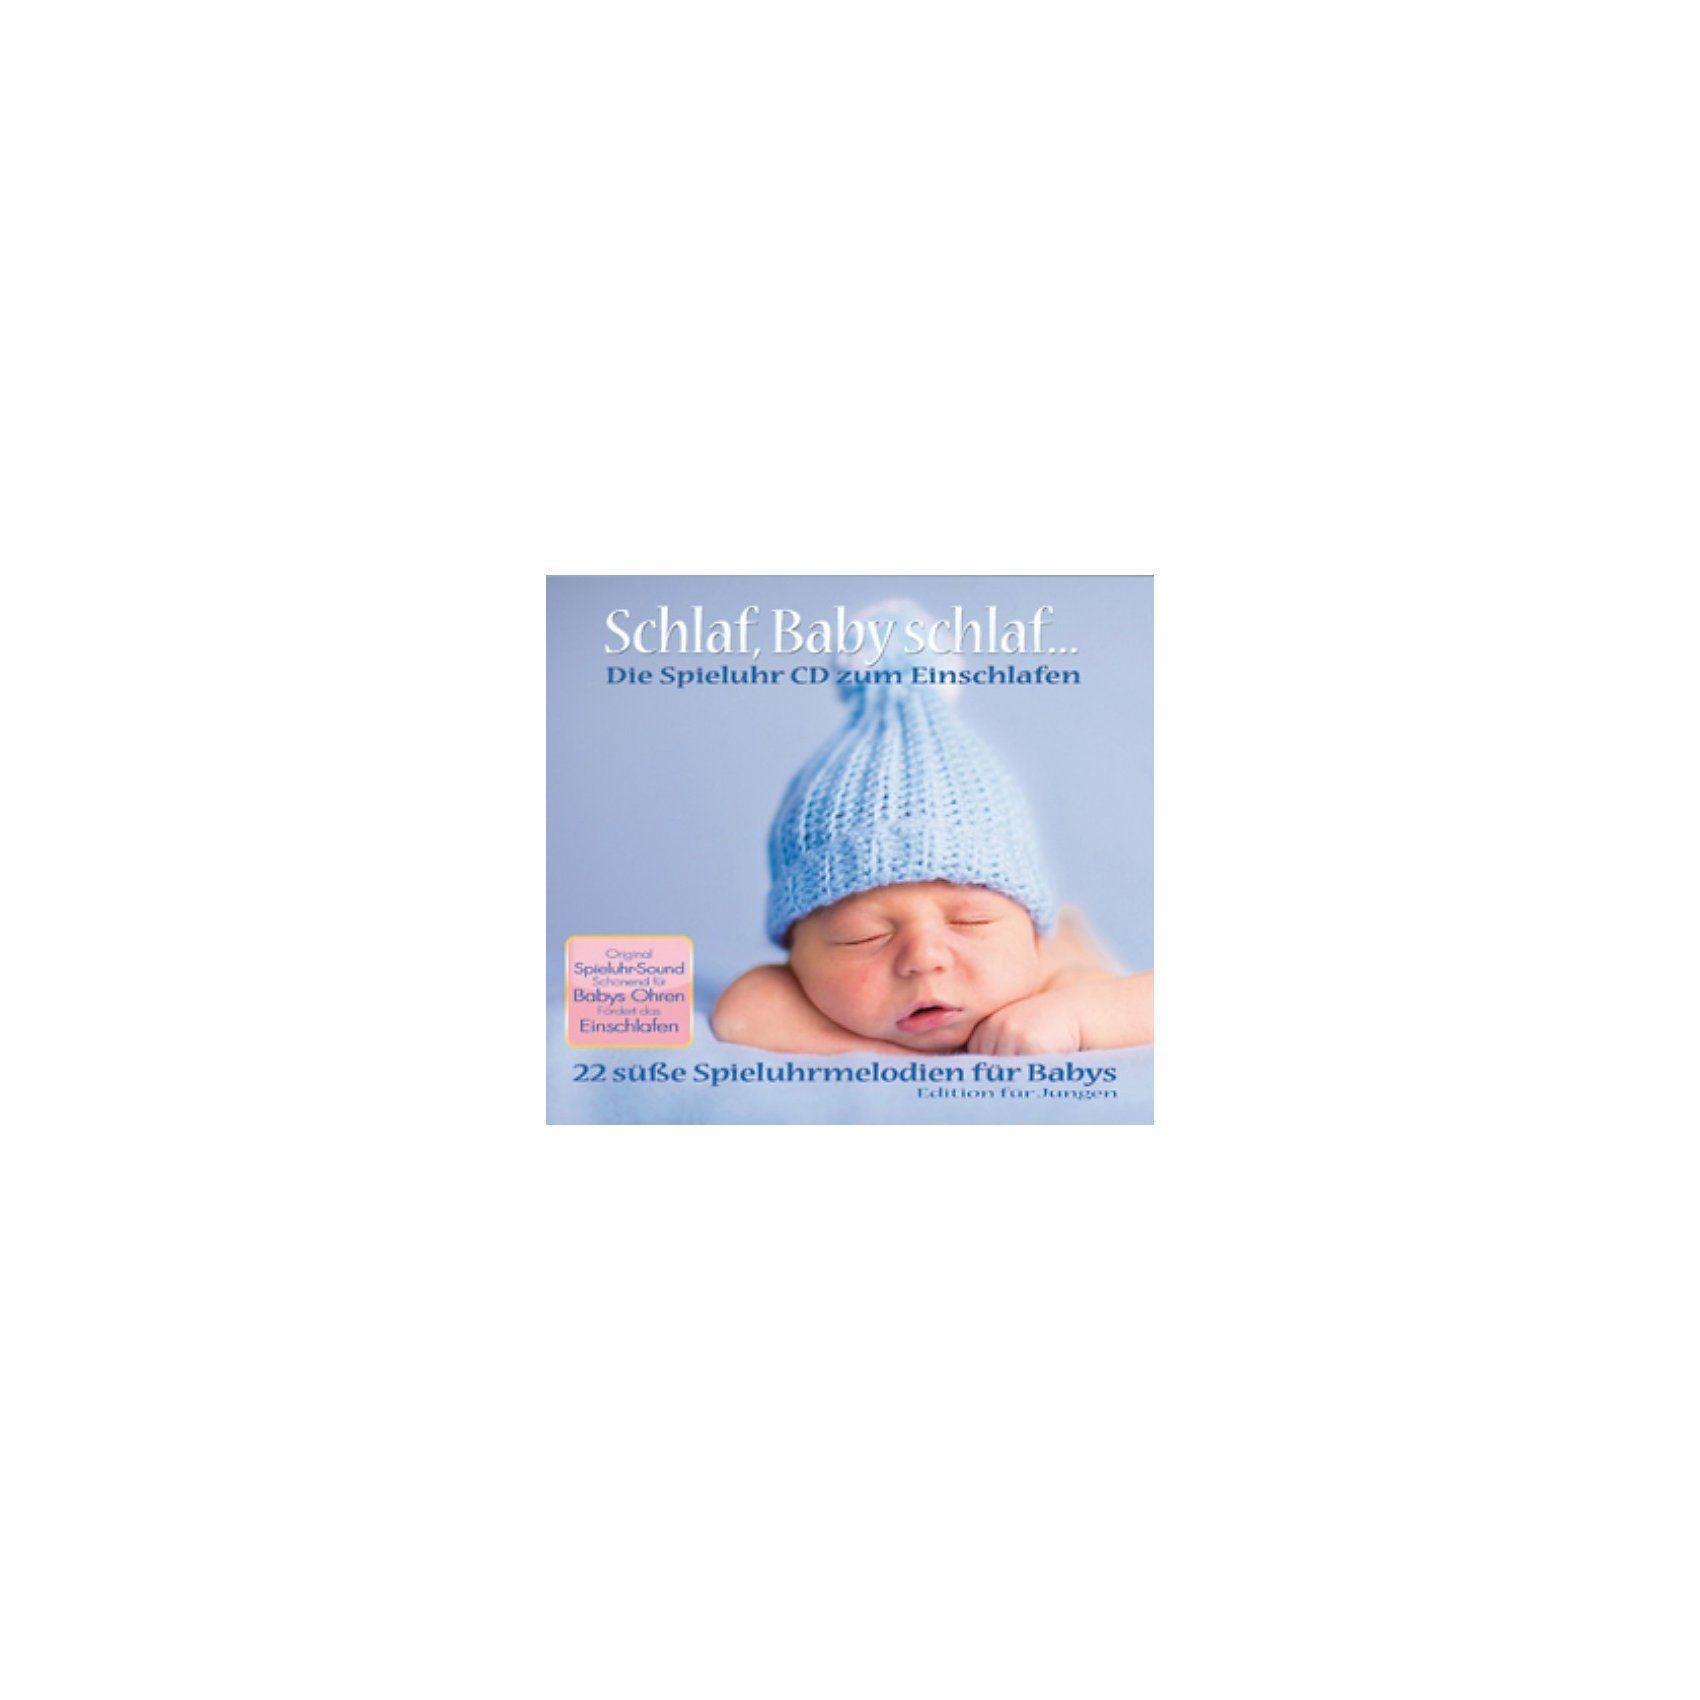 CD Schlaf, Baby schlaf - Spieluhrenmelodien für Jungen